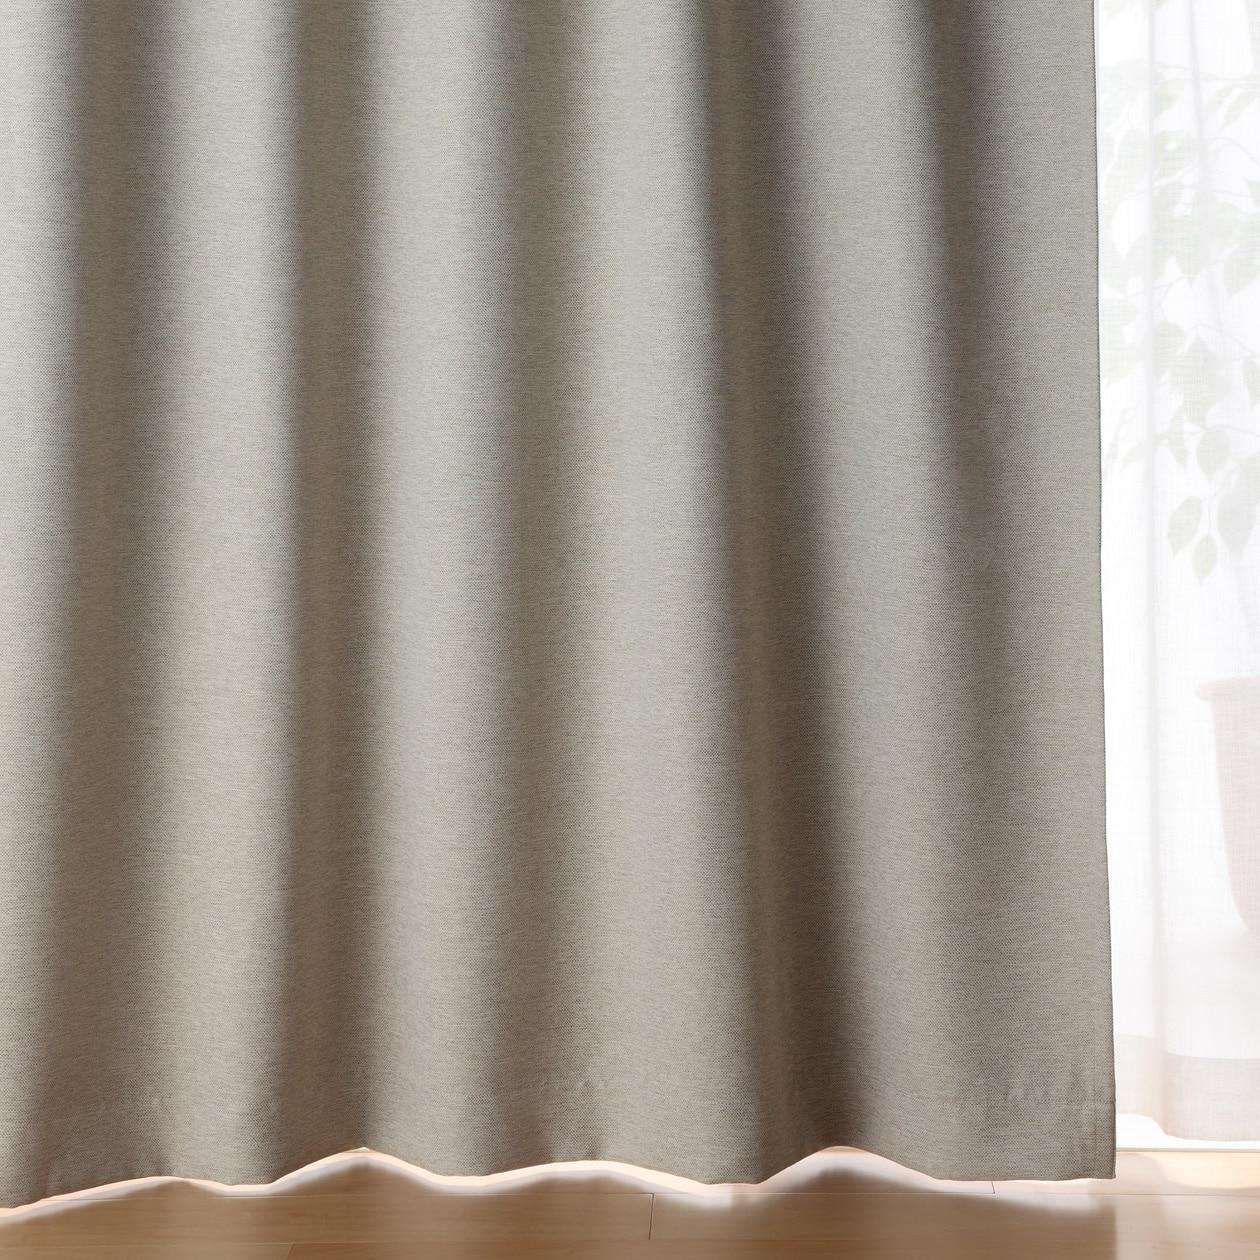 ポリエステル二重織プリーツカーテン(防炎・遮光性)/杢ベージュの写真